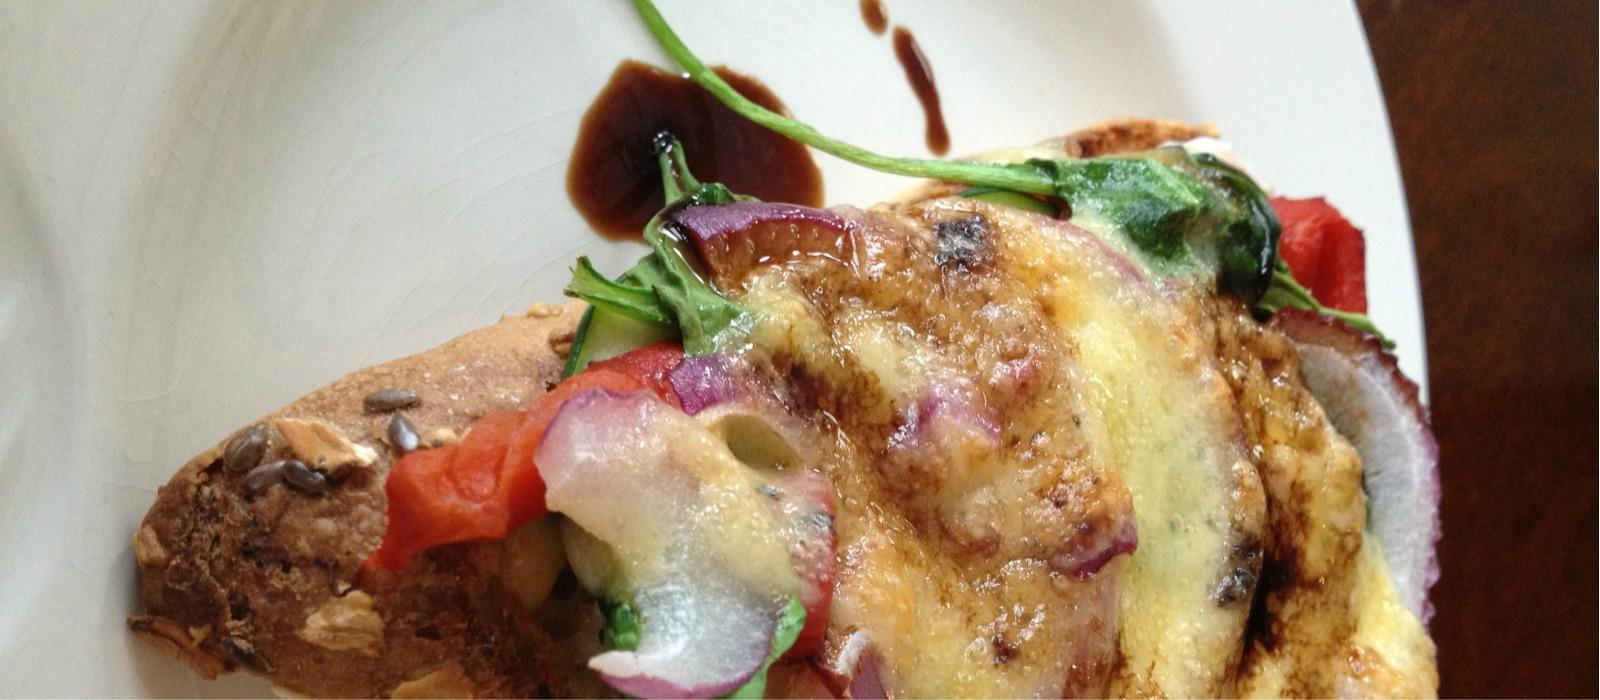 Open Face Italian Chicken Sandwich on Whole Grain Artisan Bread